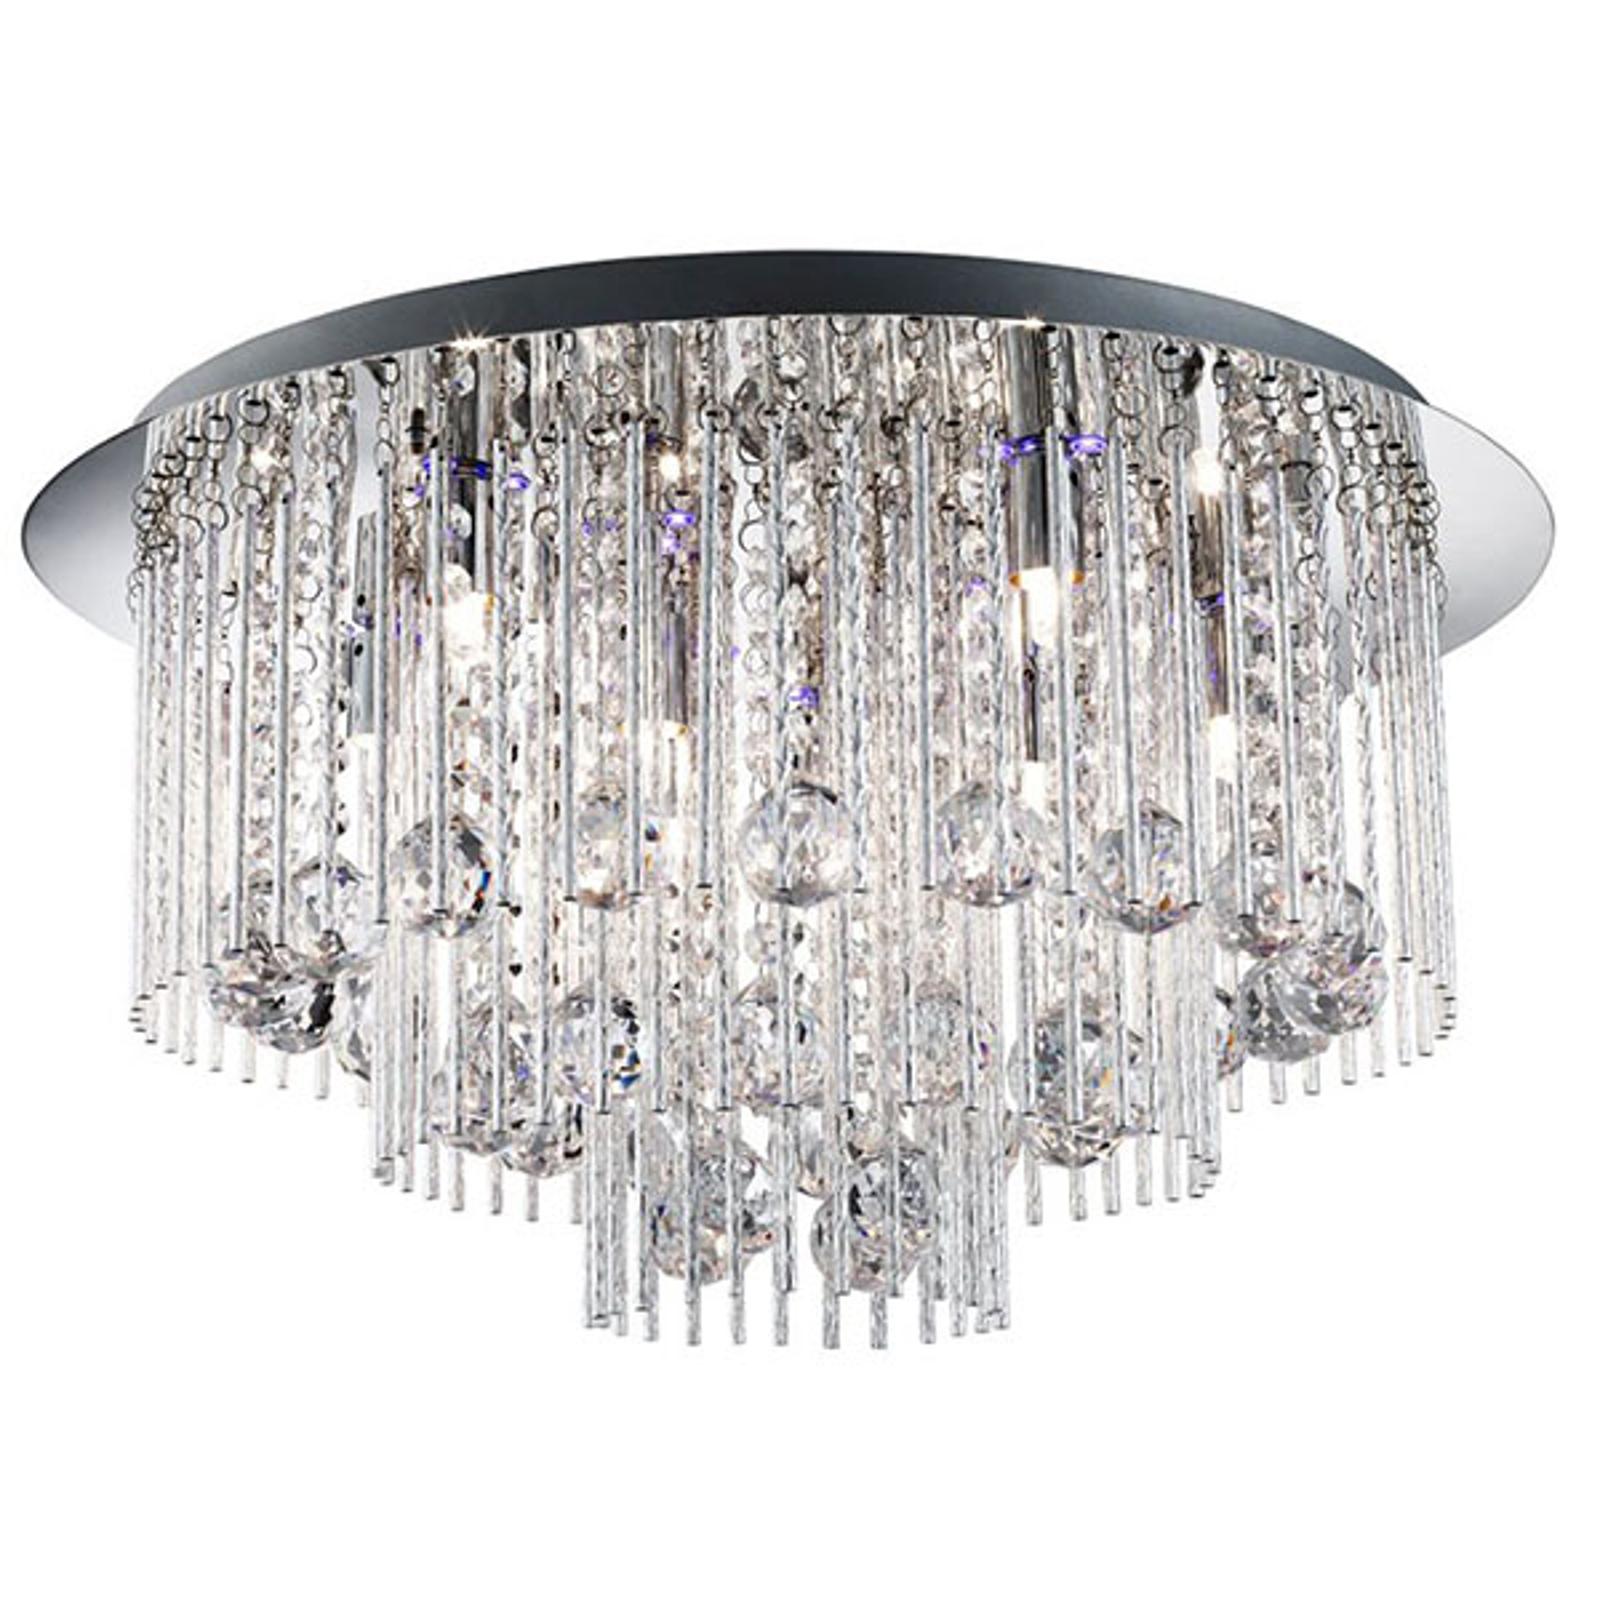 Taklampe Beatrix krystall med fjernkontroll